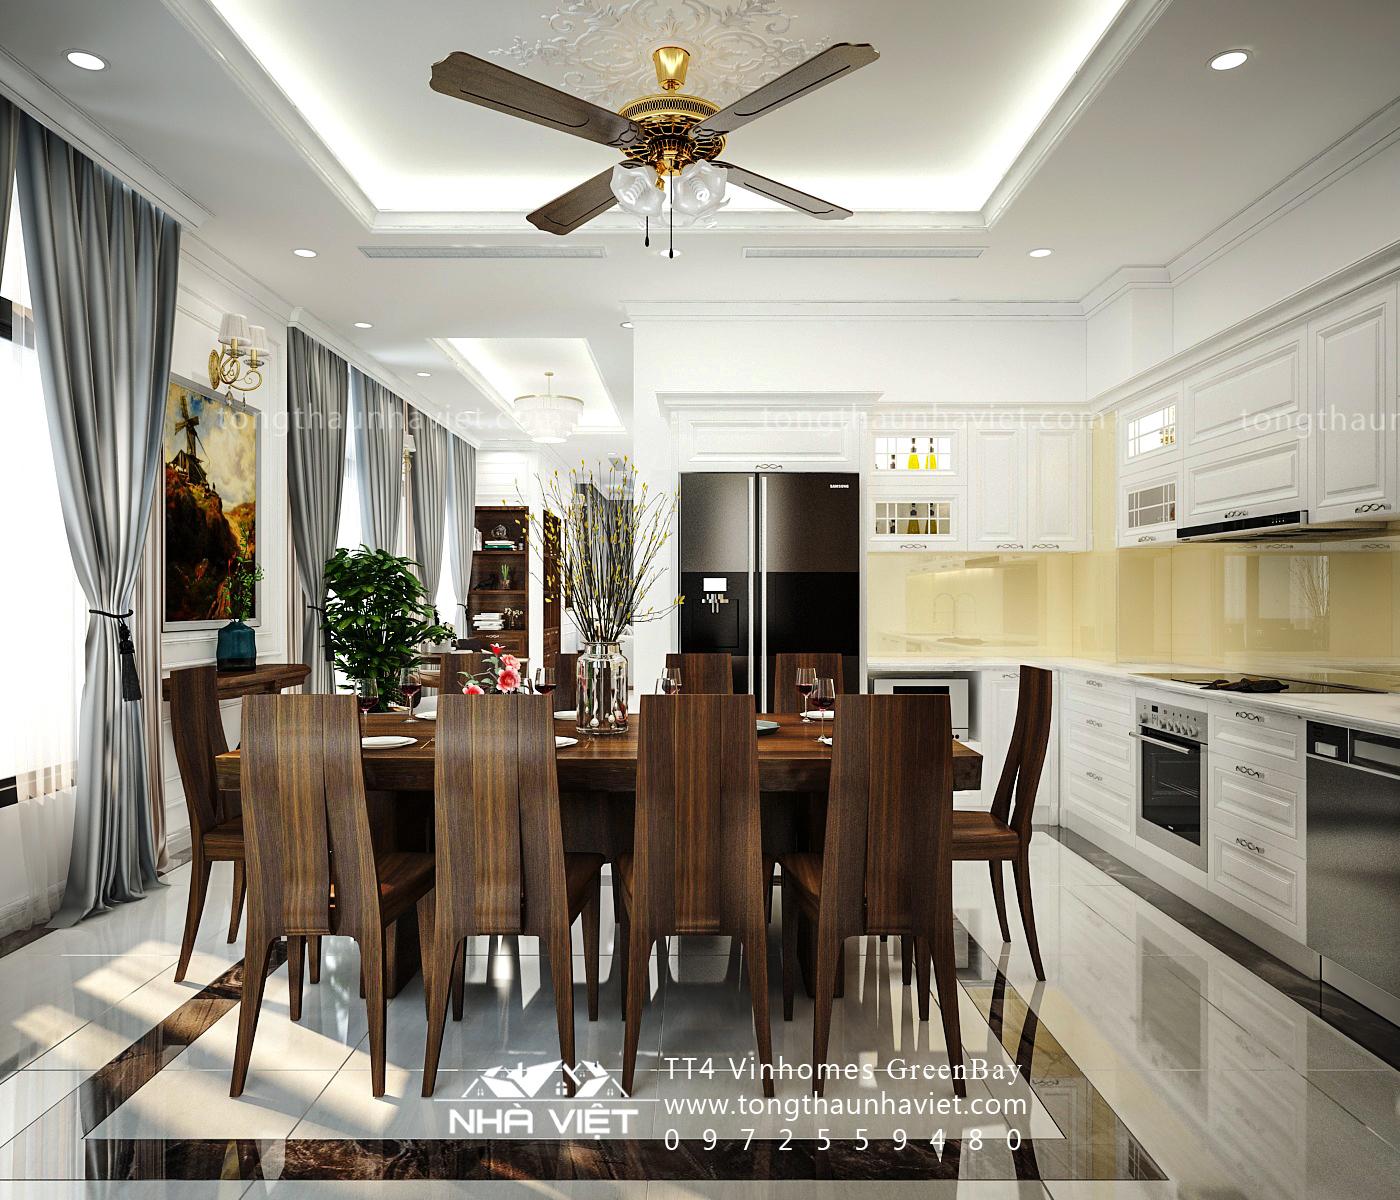 Lưu ý về mặt kiến trúc khi thiết kế phòng bếp chung cư